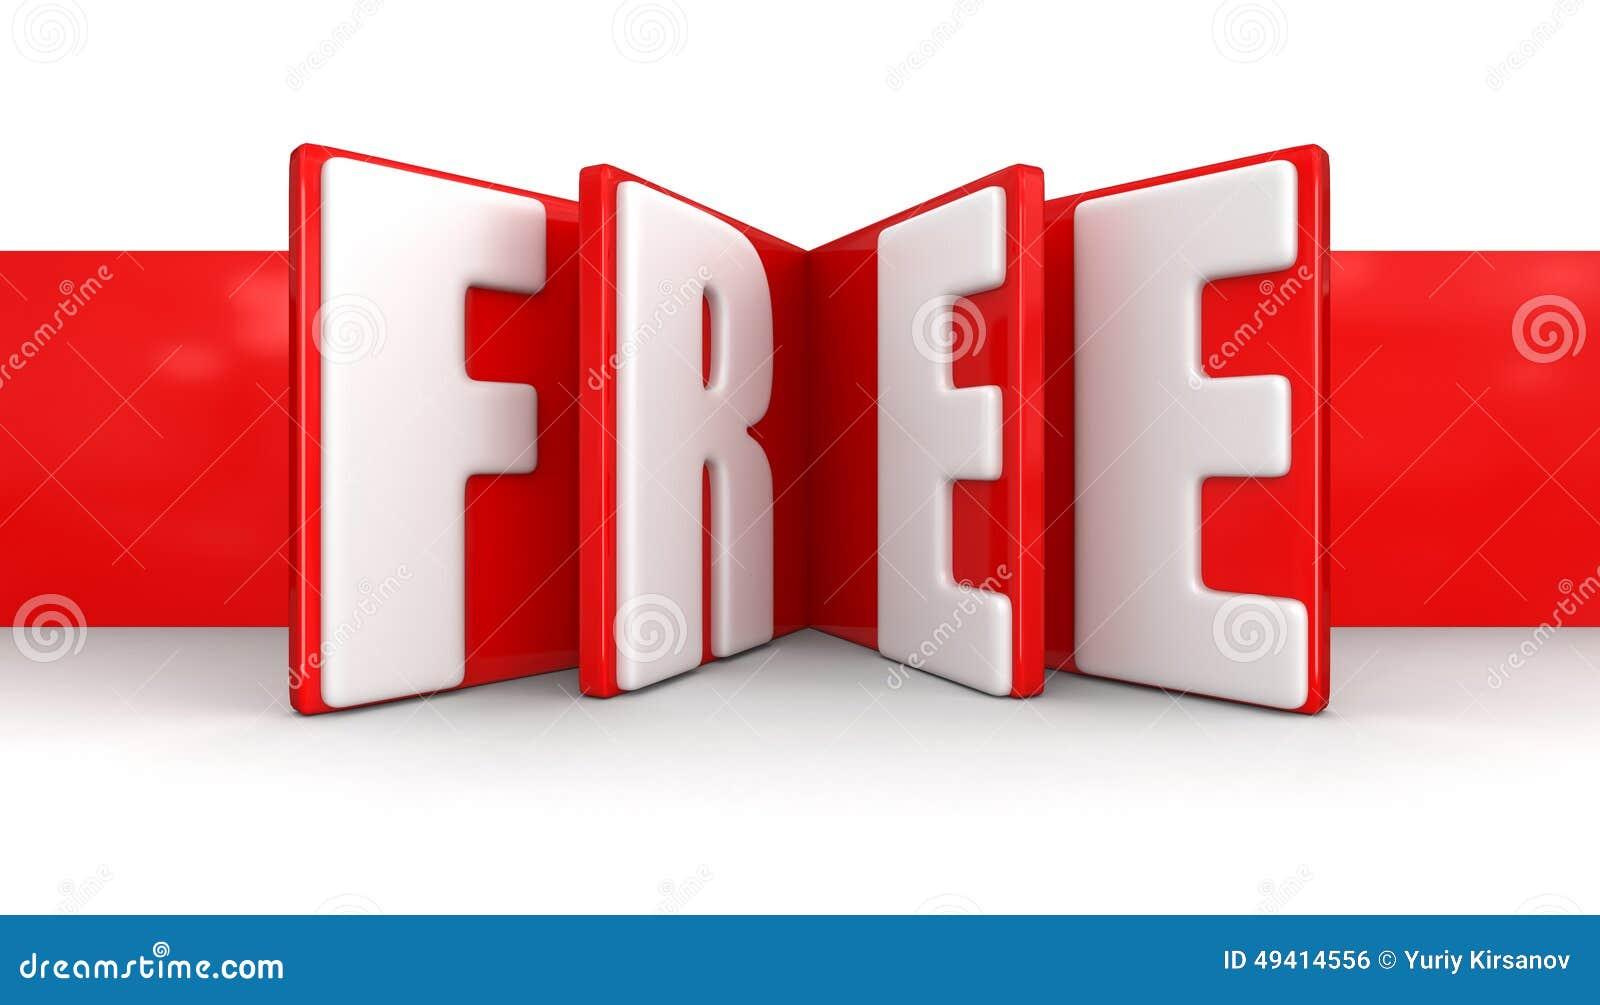 Download Aufkleber Mit Freiem (Beschneidungspfad Eingeschlossen) Stock Abbildung - Illustration von geschäft, kaufen: 49414556